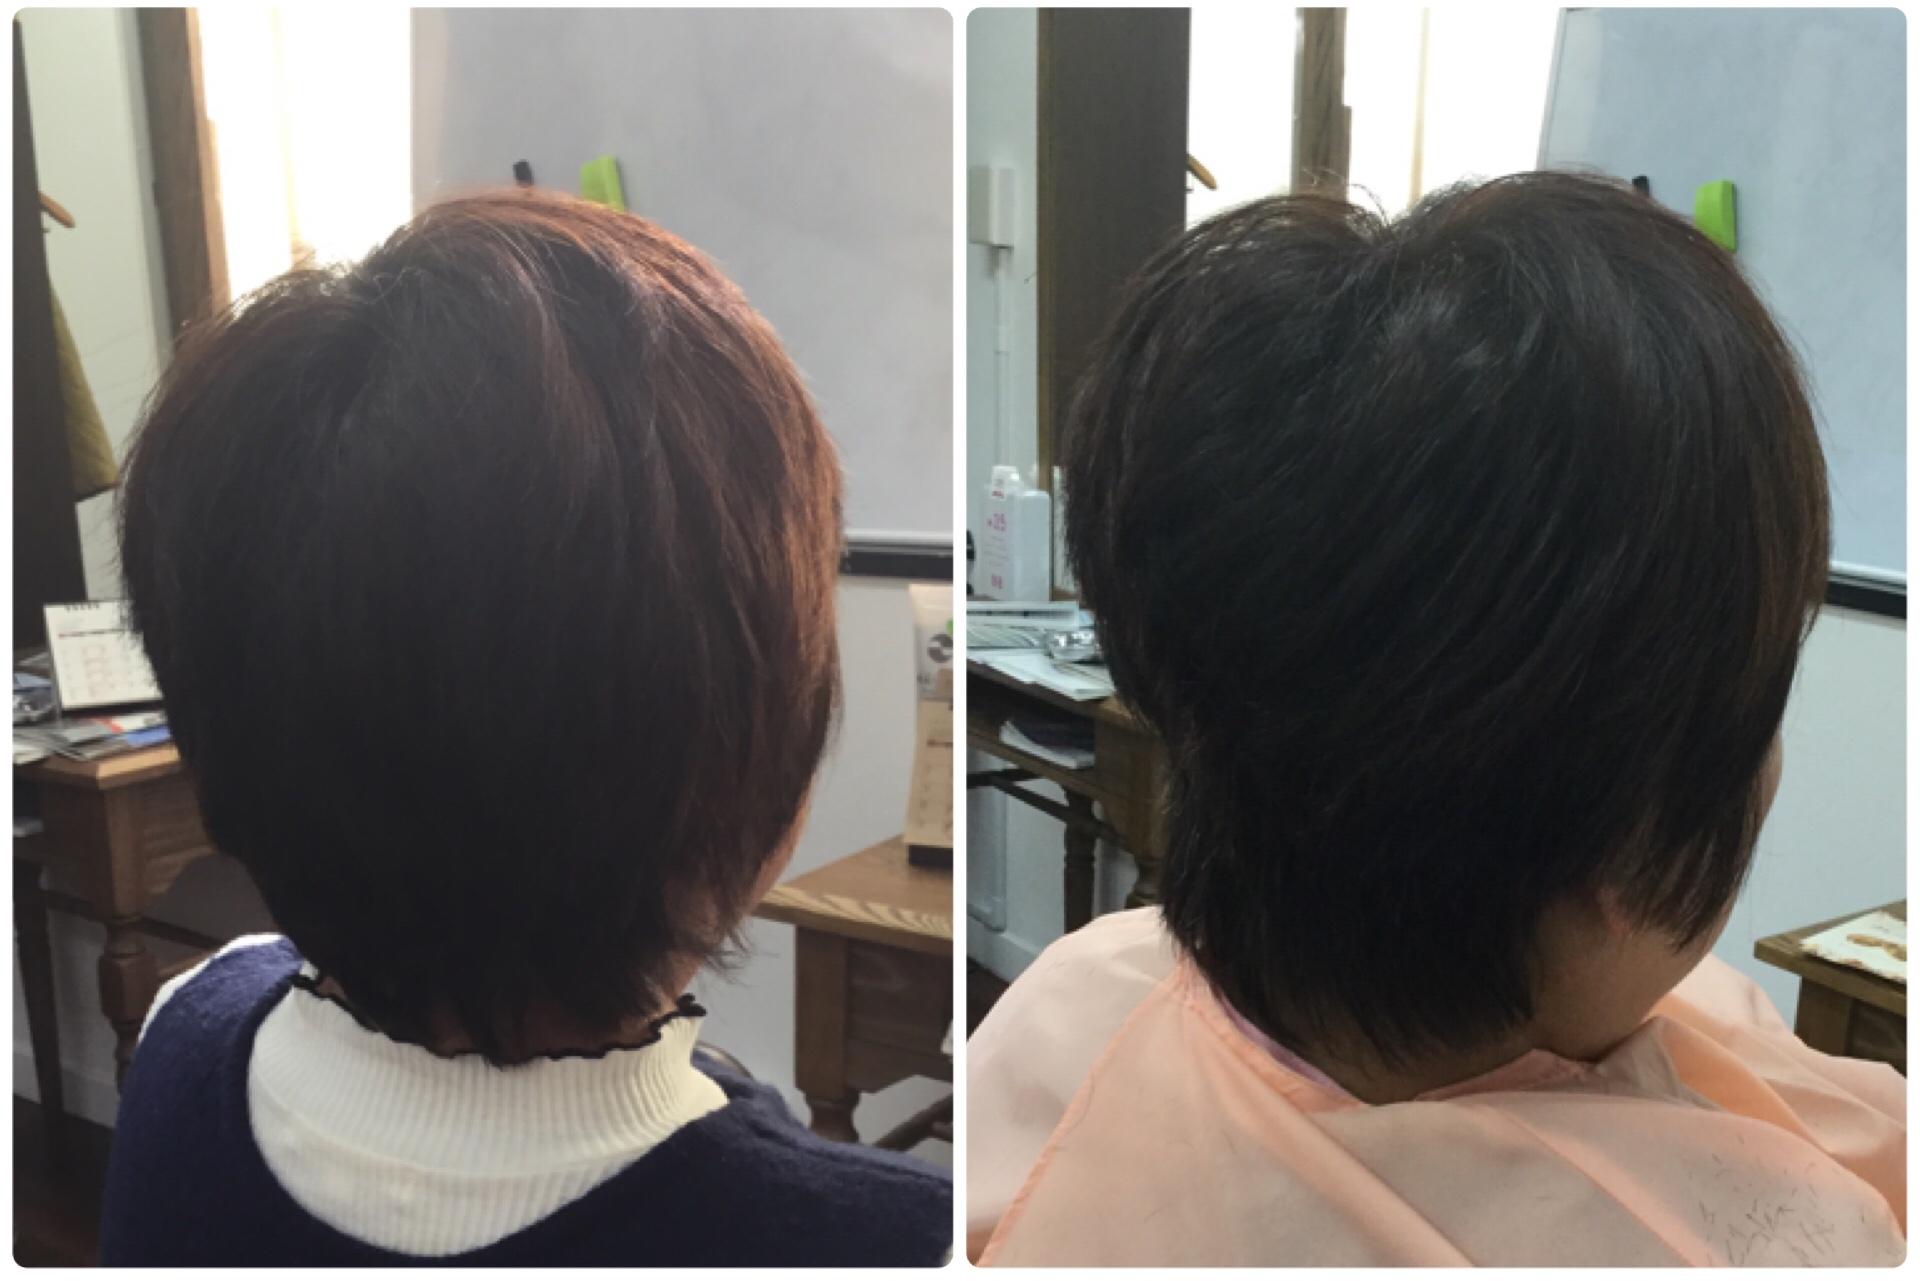 くせ毛骨格補正にはカット技法が大きく関係するよ神戸くせ毛専門美容室アバディ